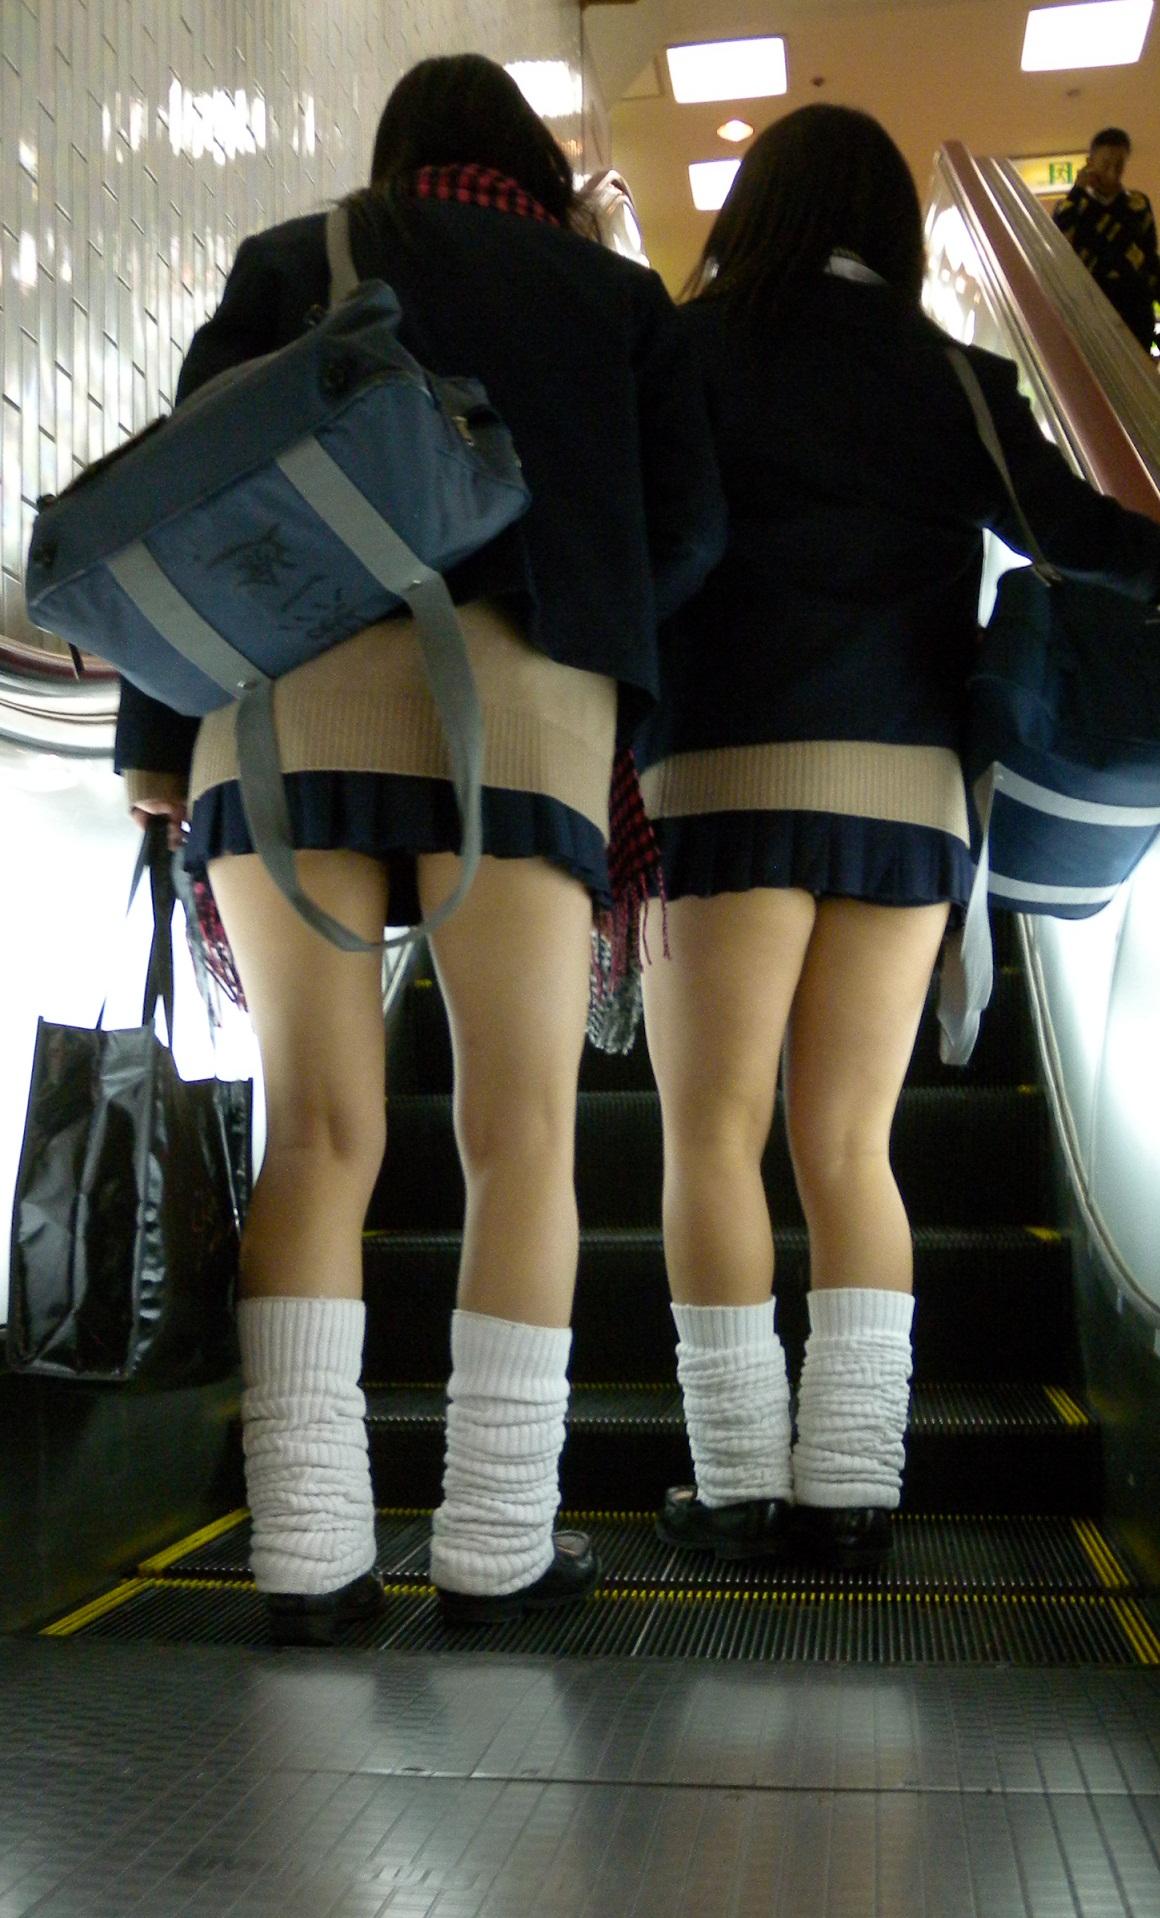 【ミニスカJK画像】校則違反…許せる!!下着に尻肉見えて上等な激ミニのJK画像 01